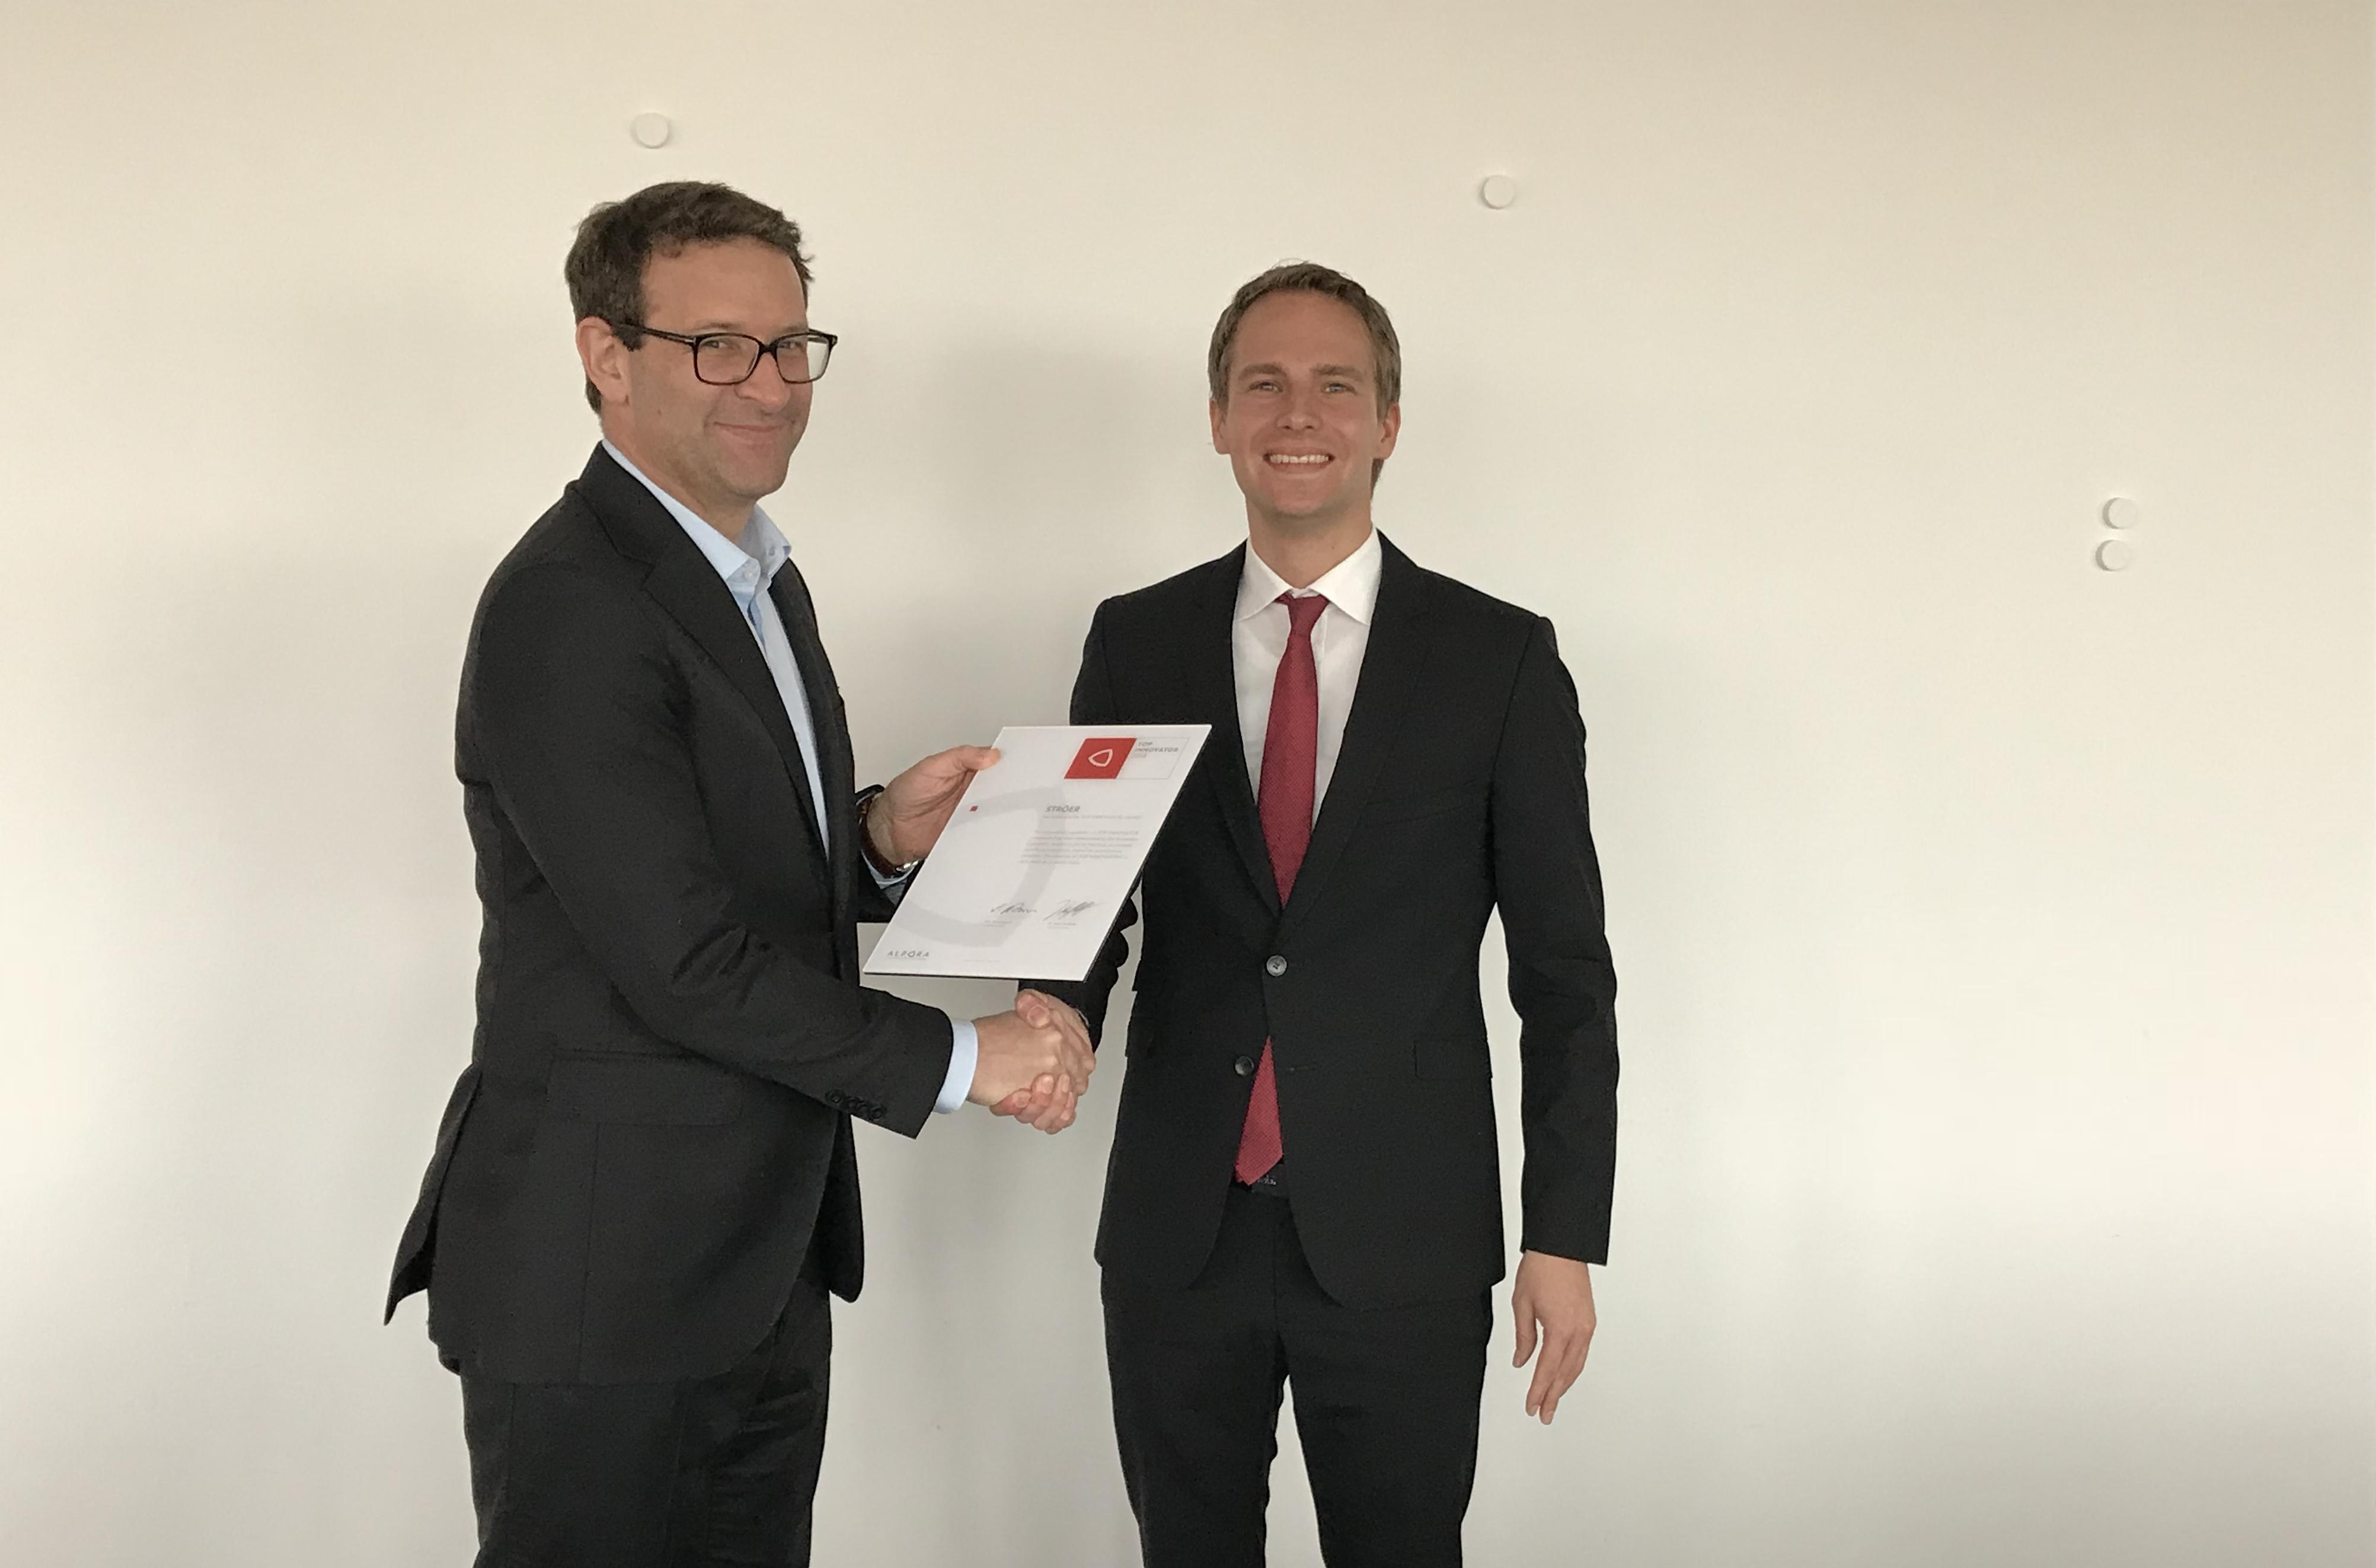 Ströer erhält ALPORA Innovation Award 2018